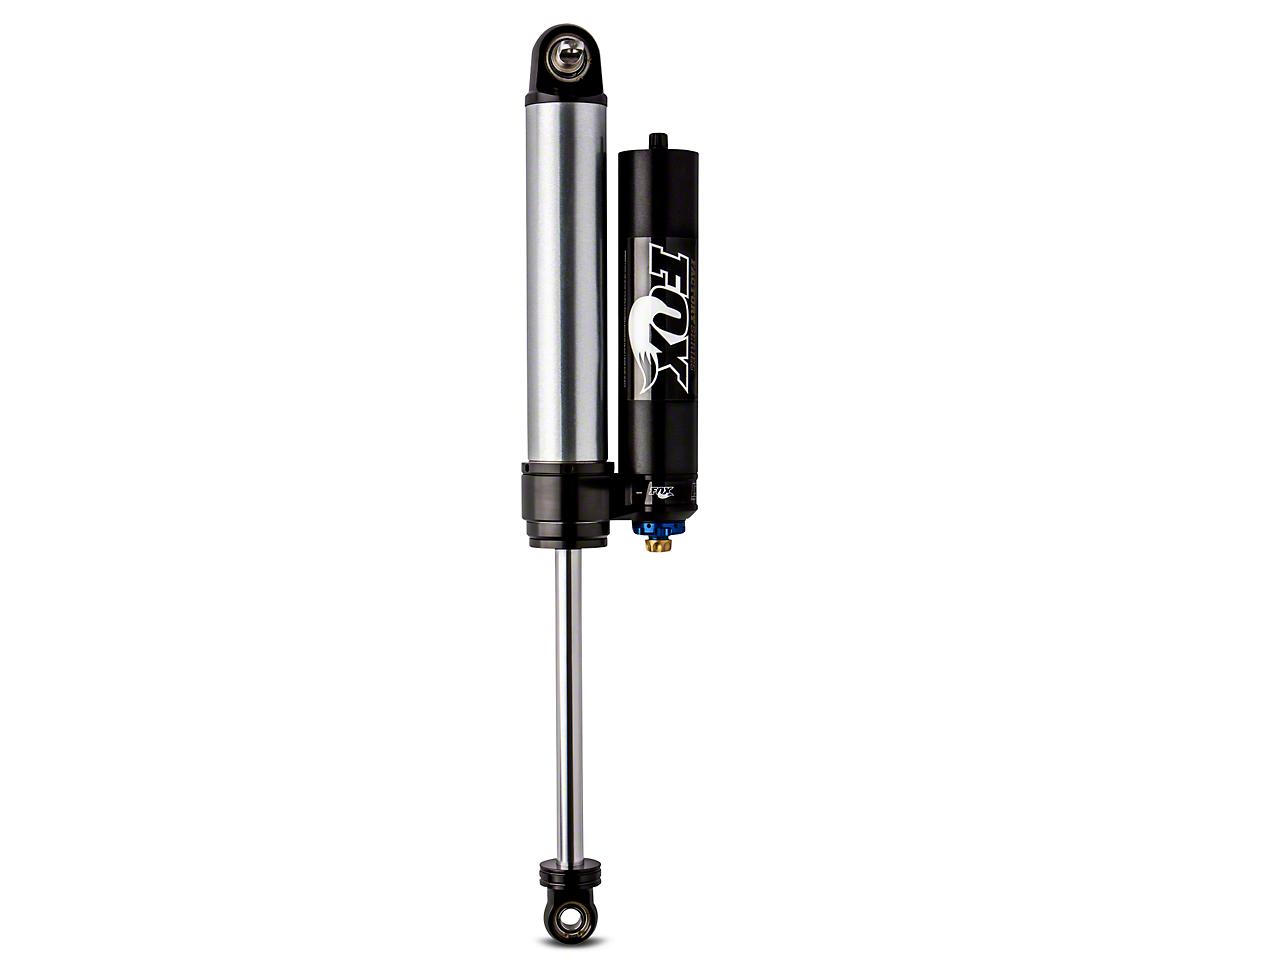 FOX 2.5 Factory Series Rear Reservoir Shocks w/ DSC Adjuster for 4-6 in. Lift (07-18 Jeep Wrangler JK)